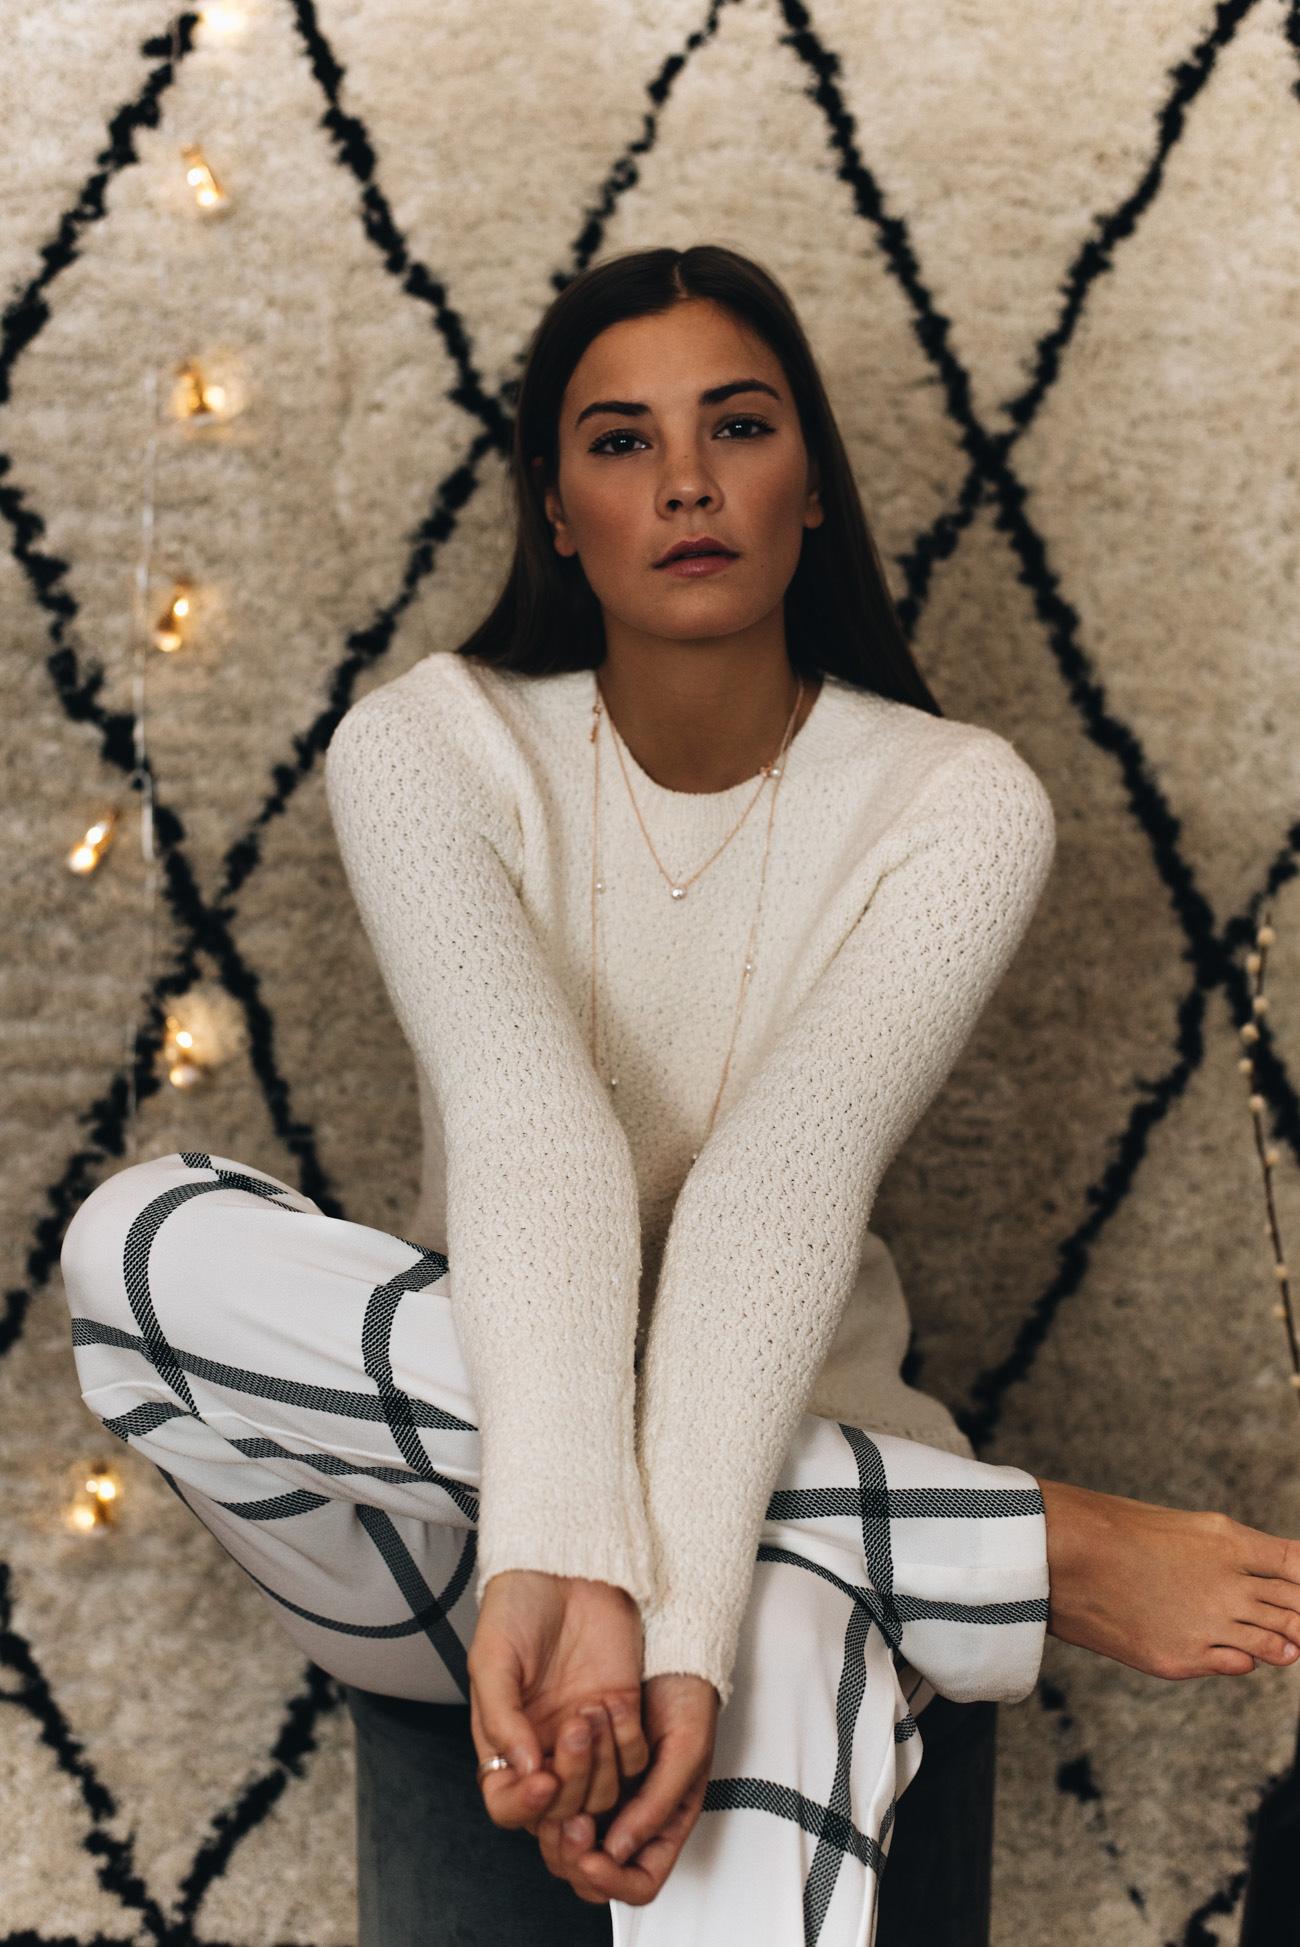 Ketten-Layering-schmuck-trends-2017-weihnachts-kampagne-pandora-geschenke-guide-fashiioncarpet-nina-schwichtenberg